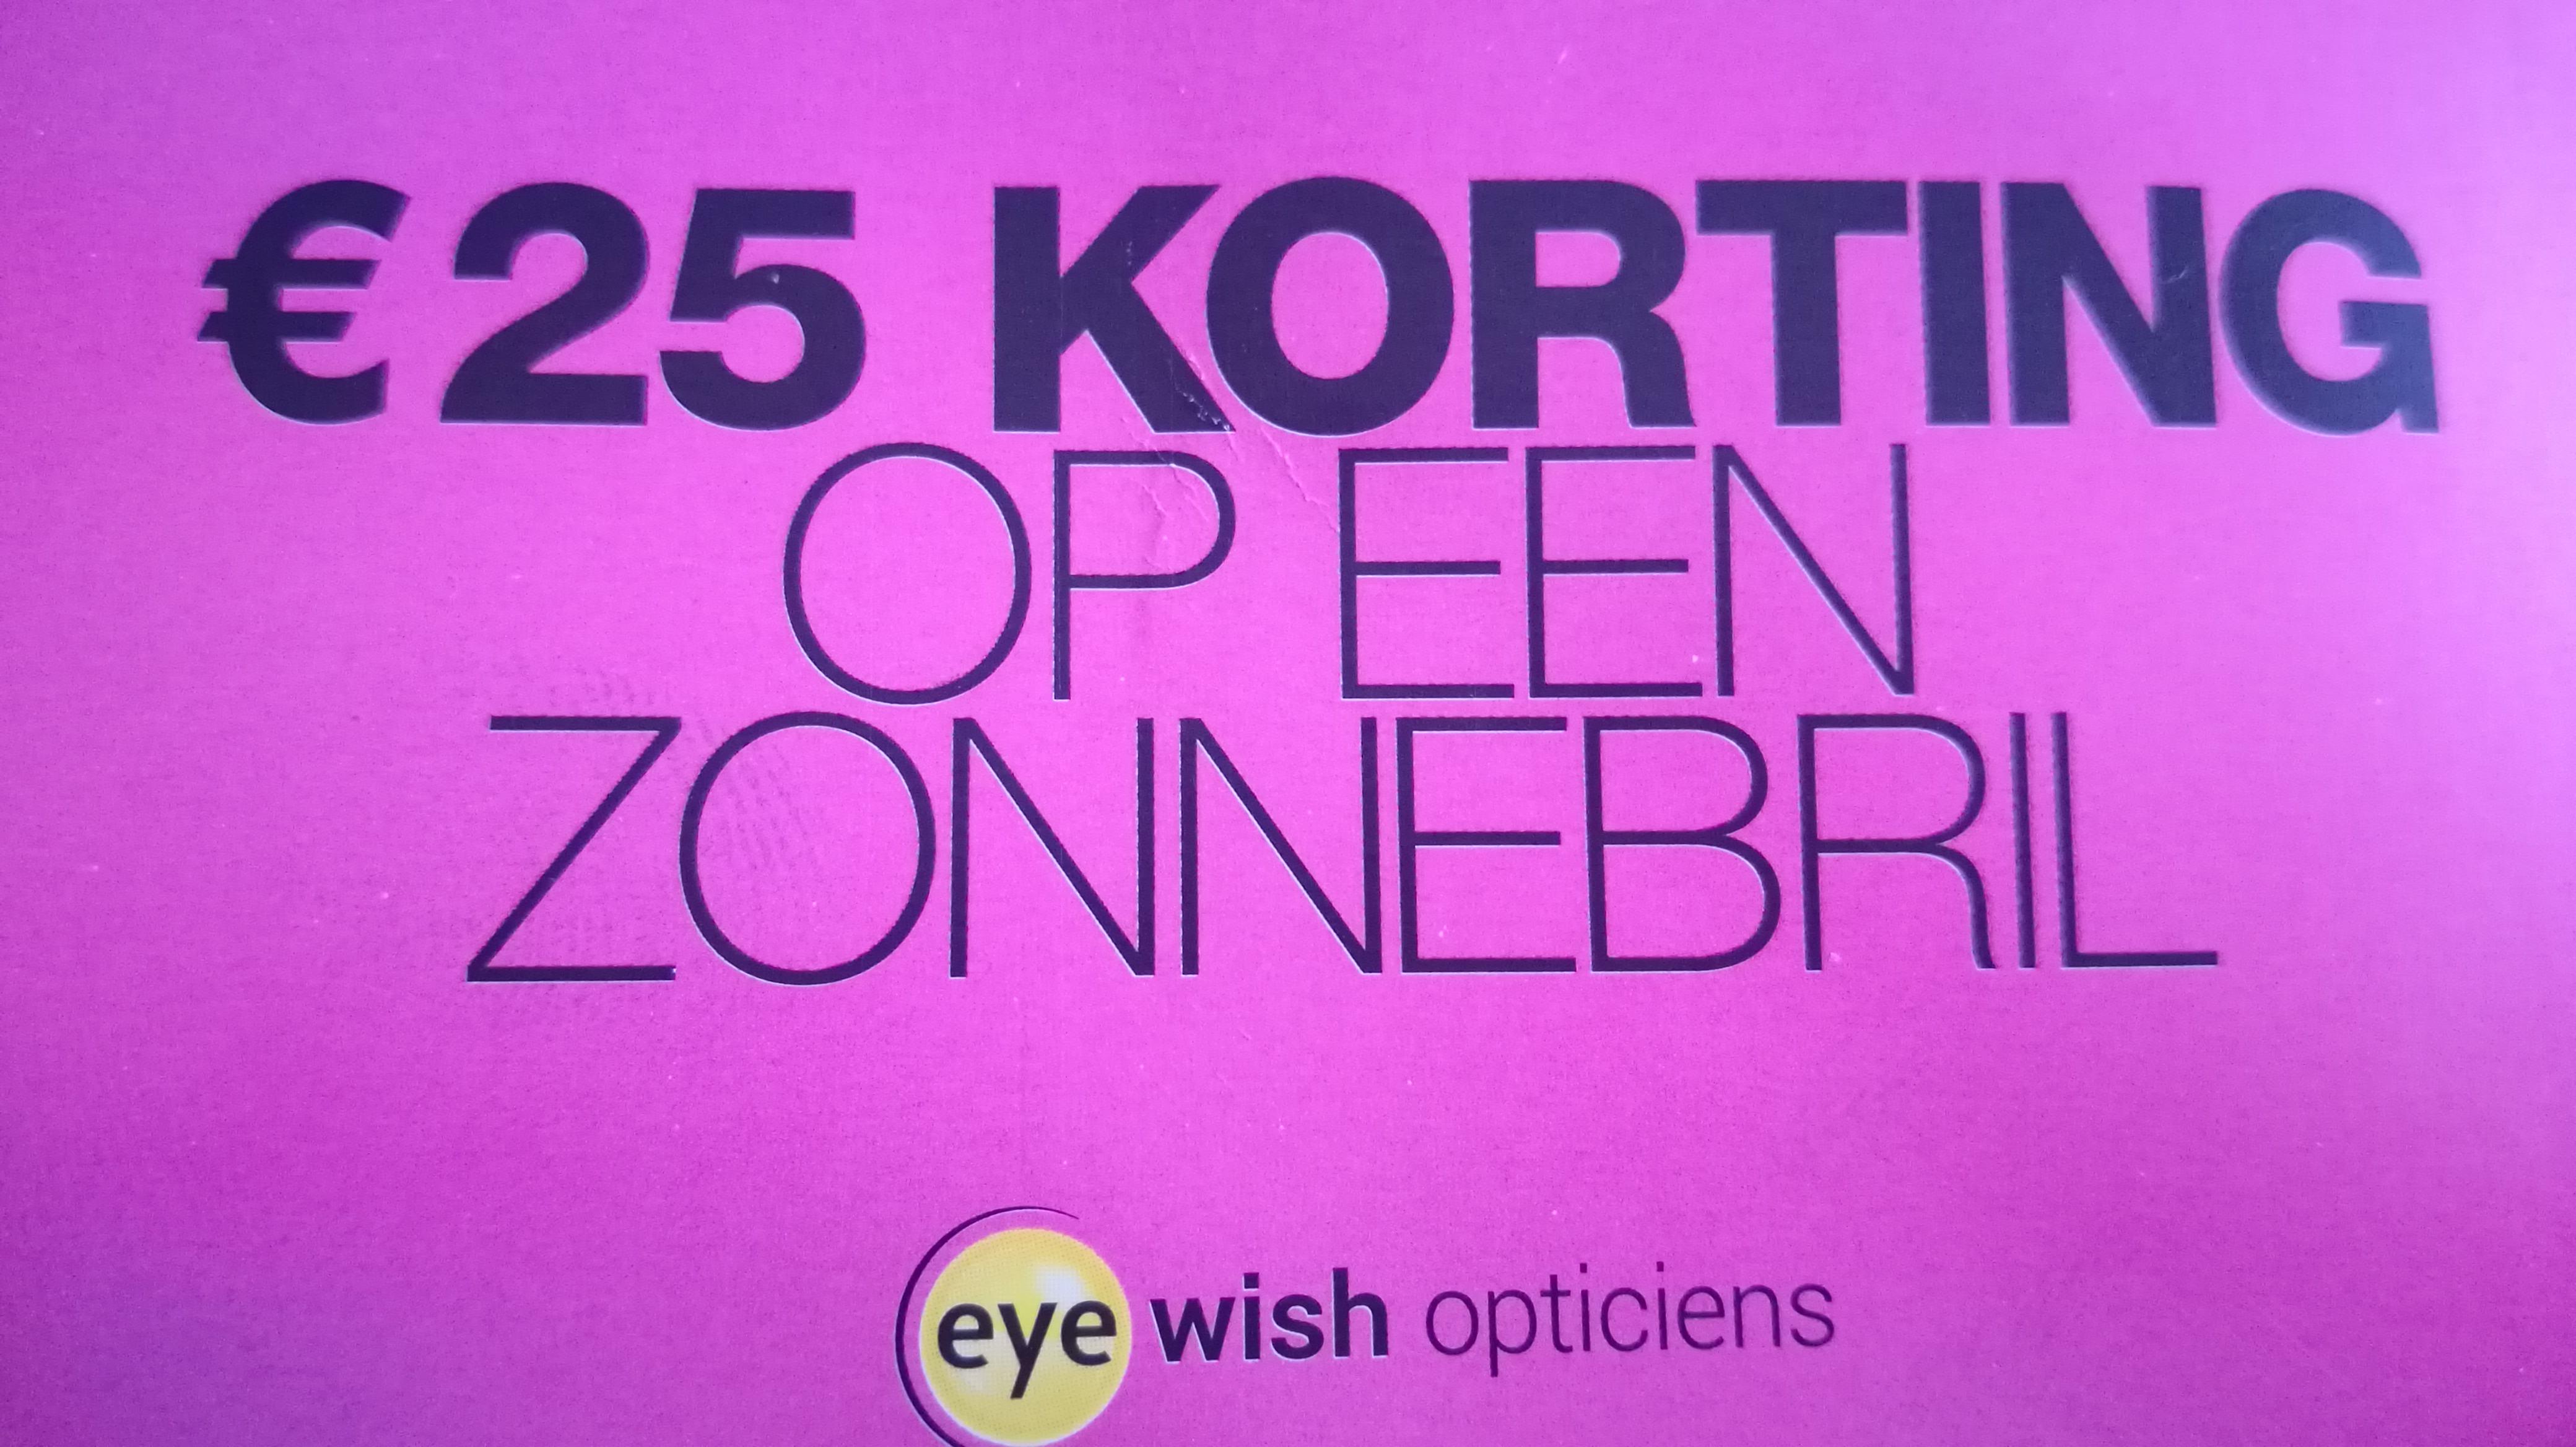 €25 korting op een zonnebril vanaf €99 @ Eyewish